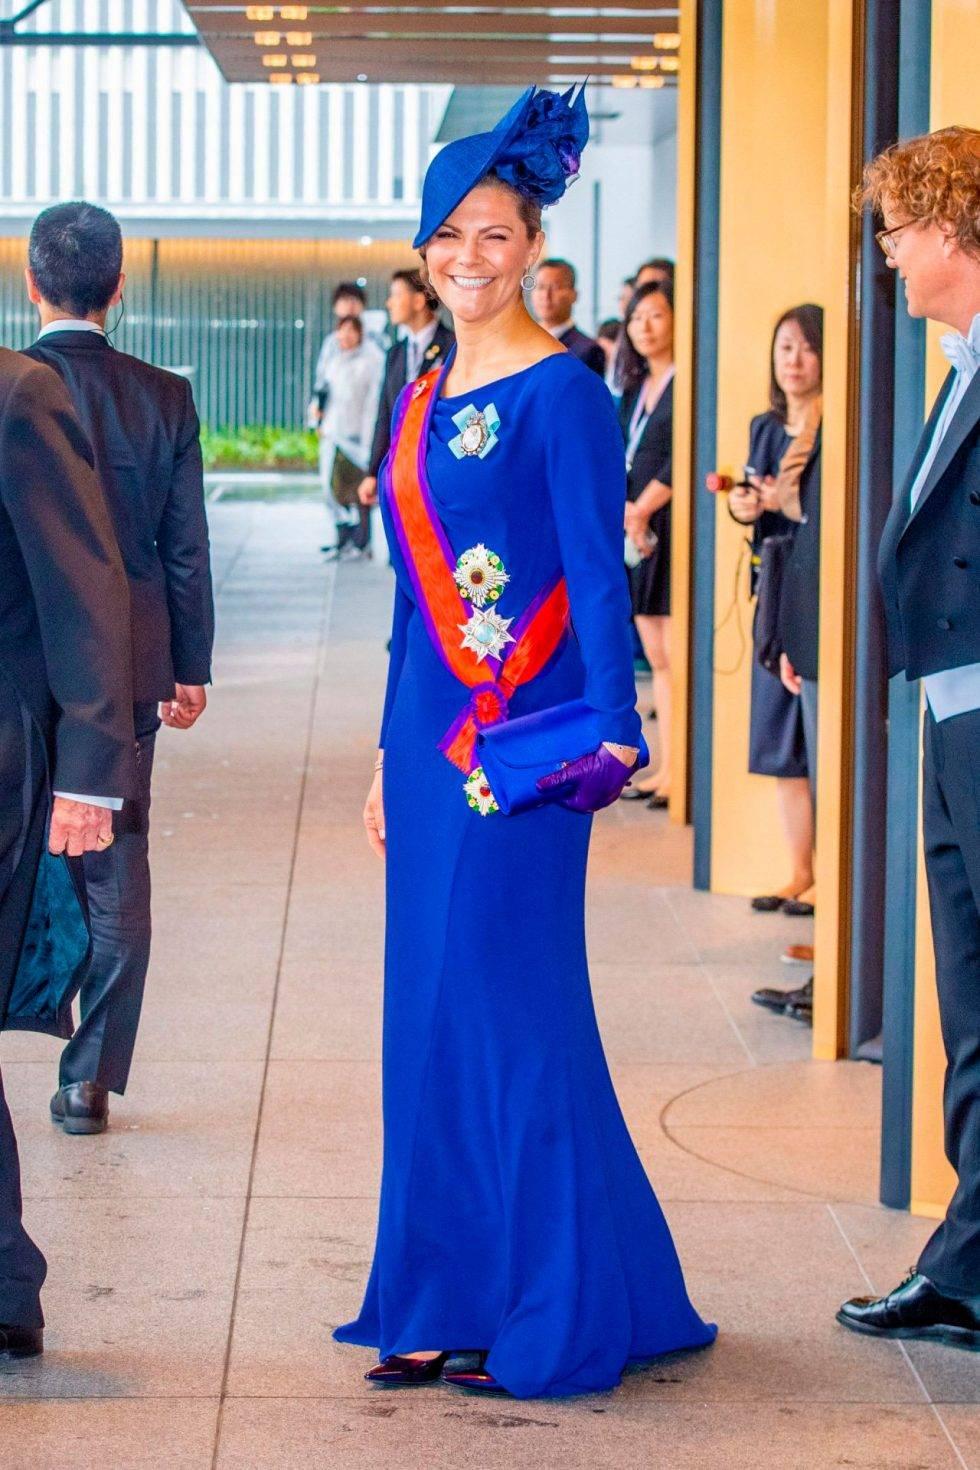 Kronprinsessan Victoria i blå klänning för att uppmärksamma havens hälsa.